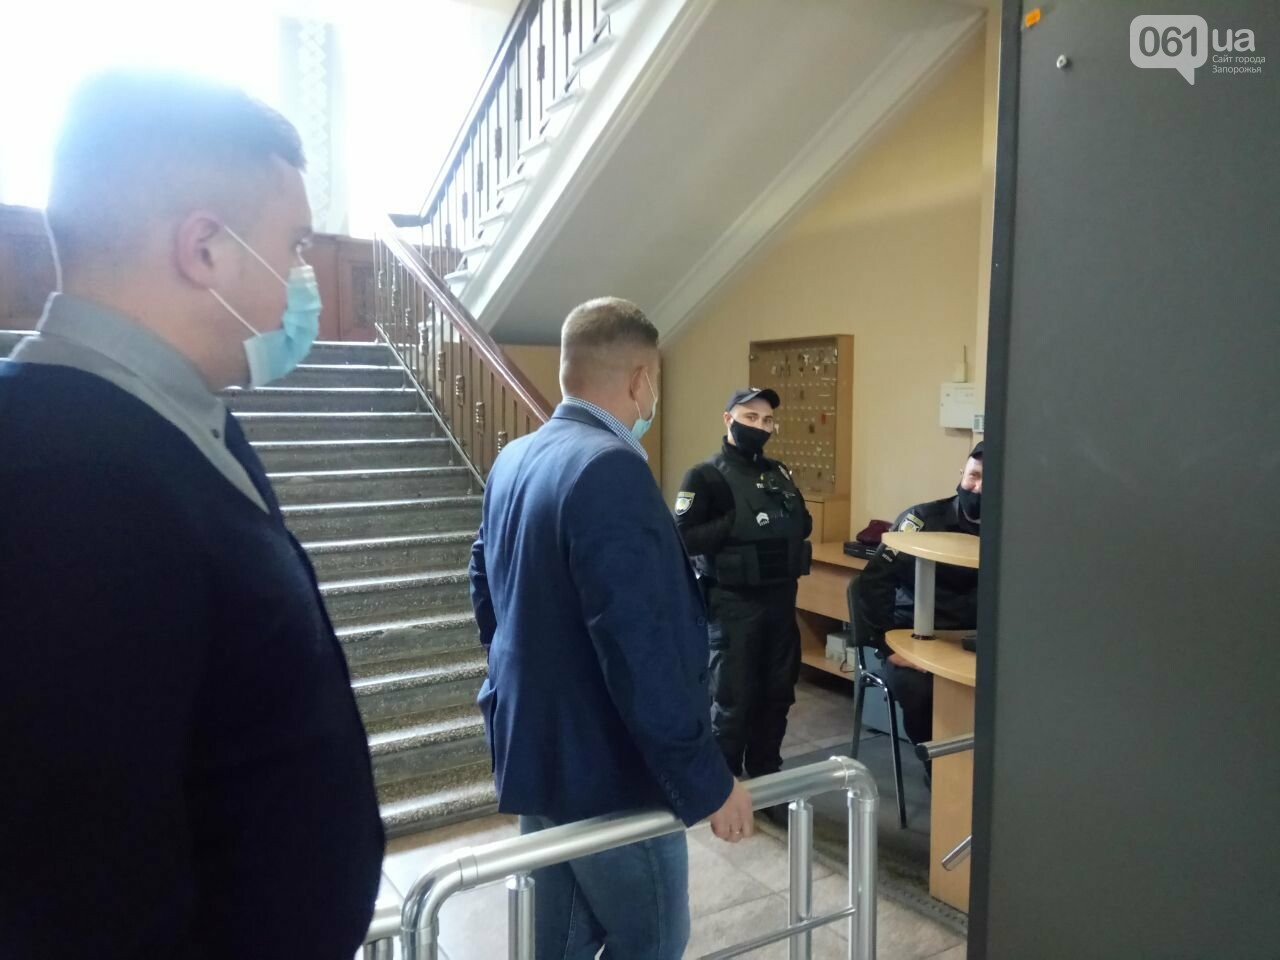 Запорожские депутаты собрались на сессию, на которую не пускают журналистов: почему это незаконно , фото-1